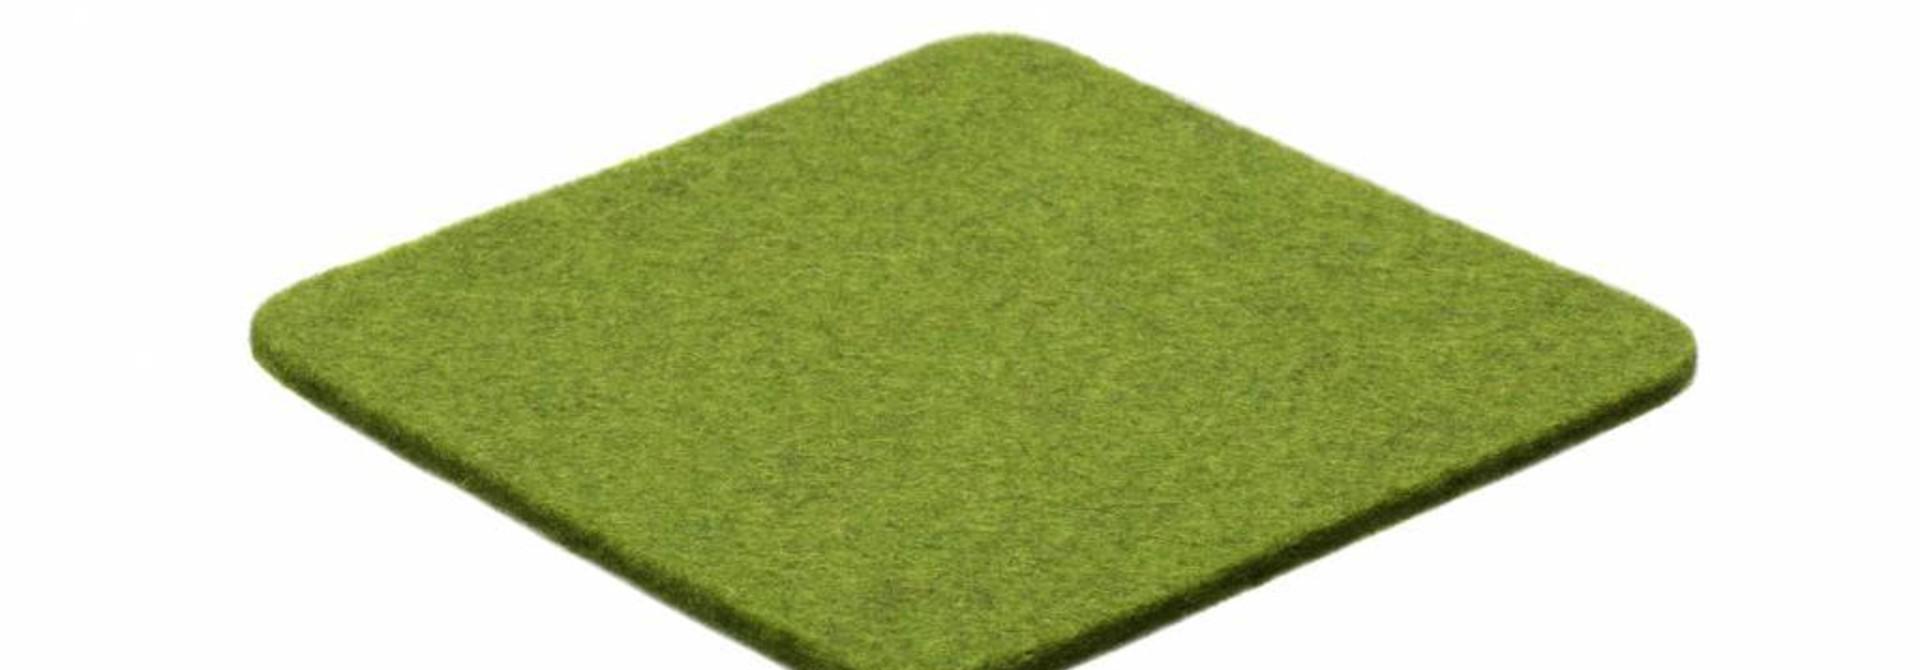 Farn-Green felt coaster